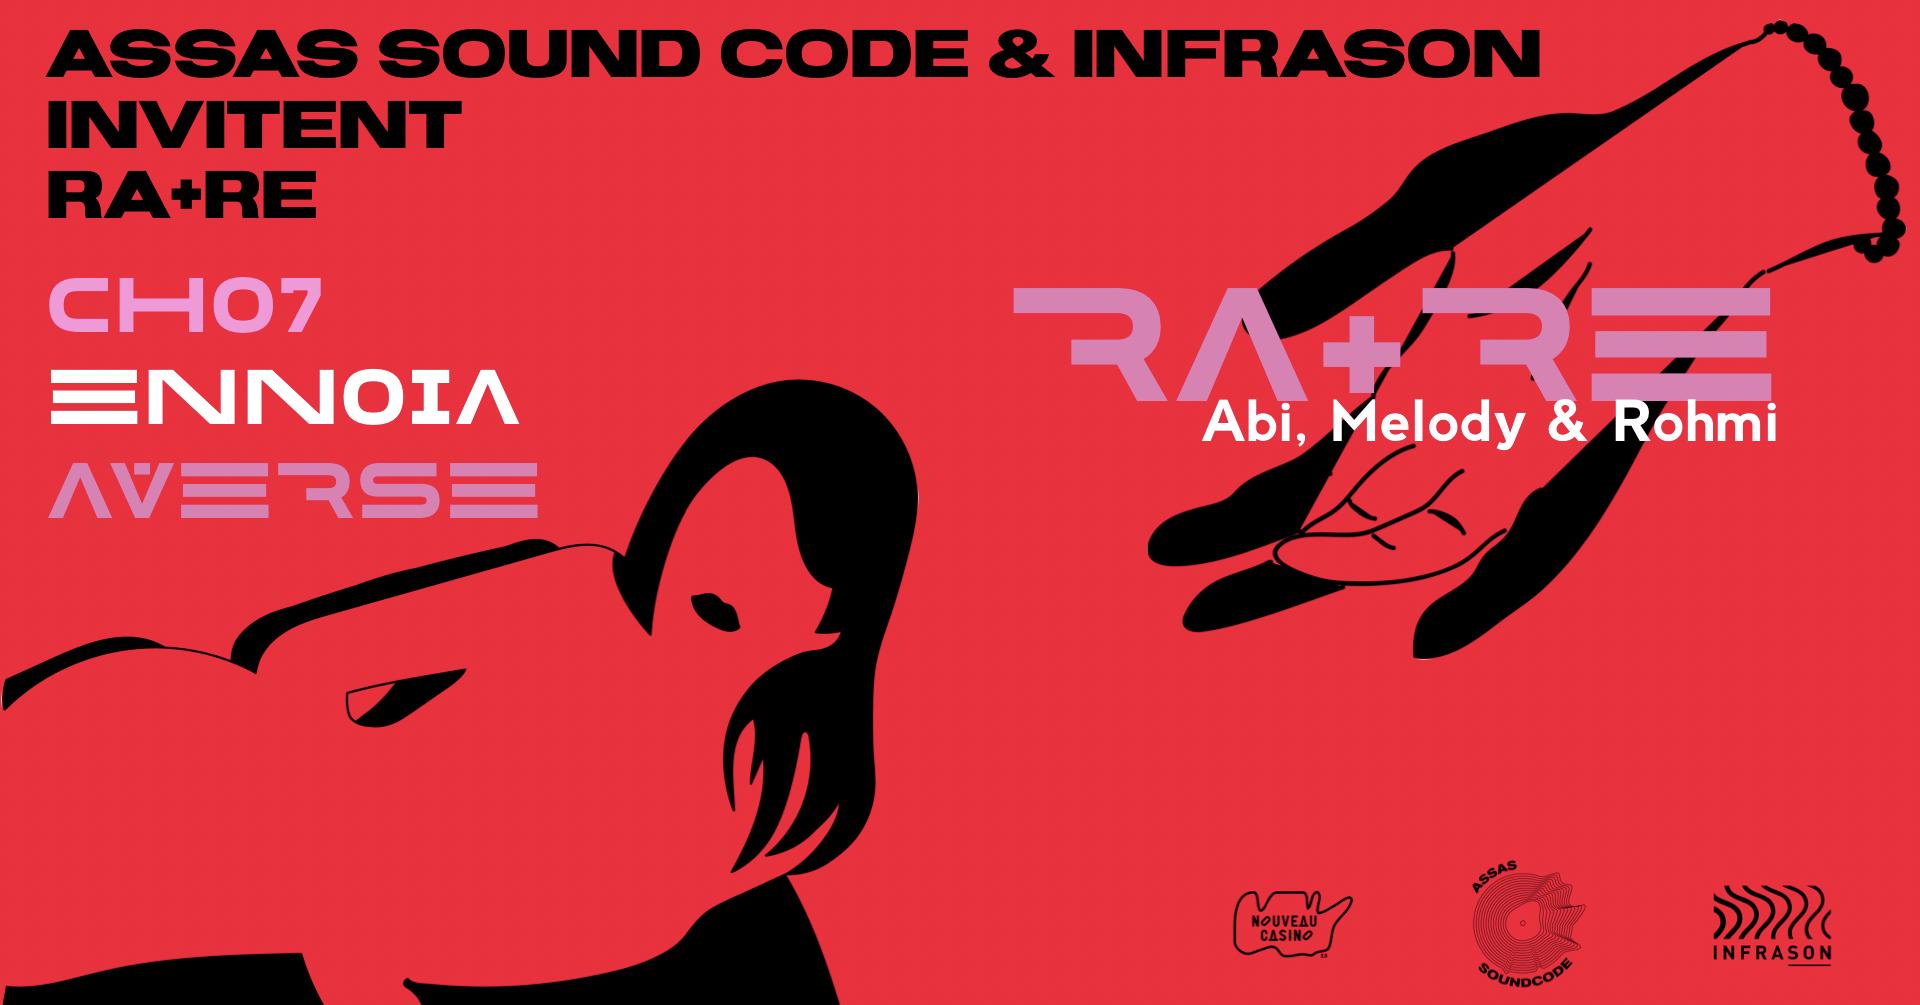 Assas Sound Code & Infrason invitent : RA+RE au Nouveau Casino